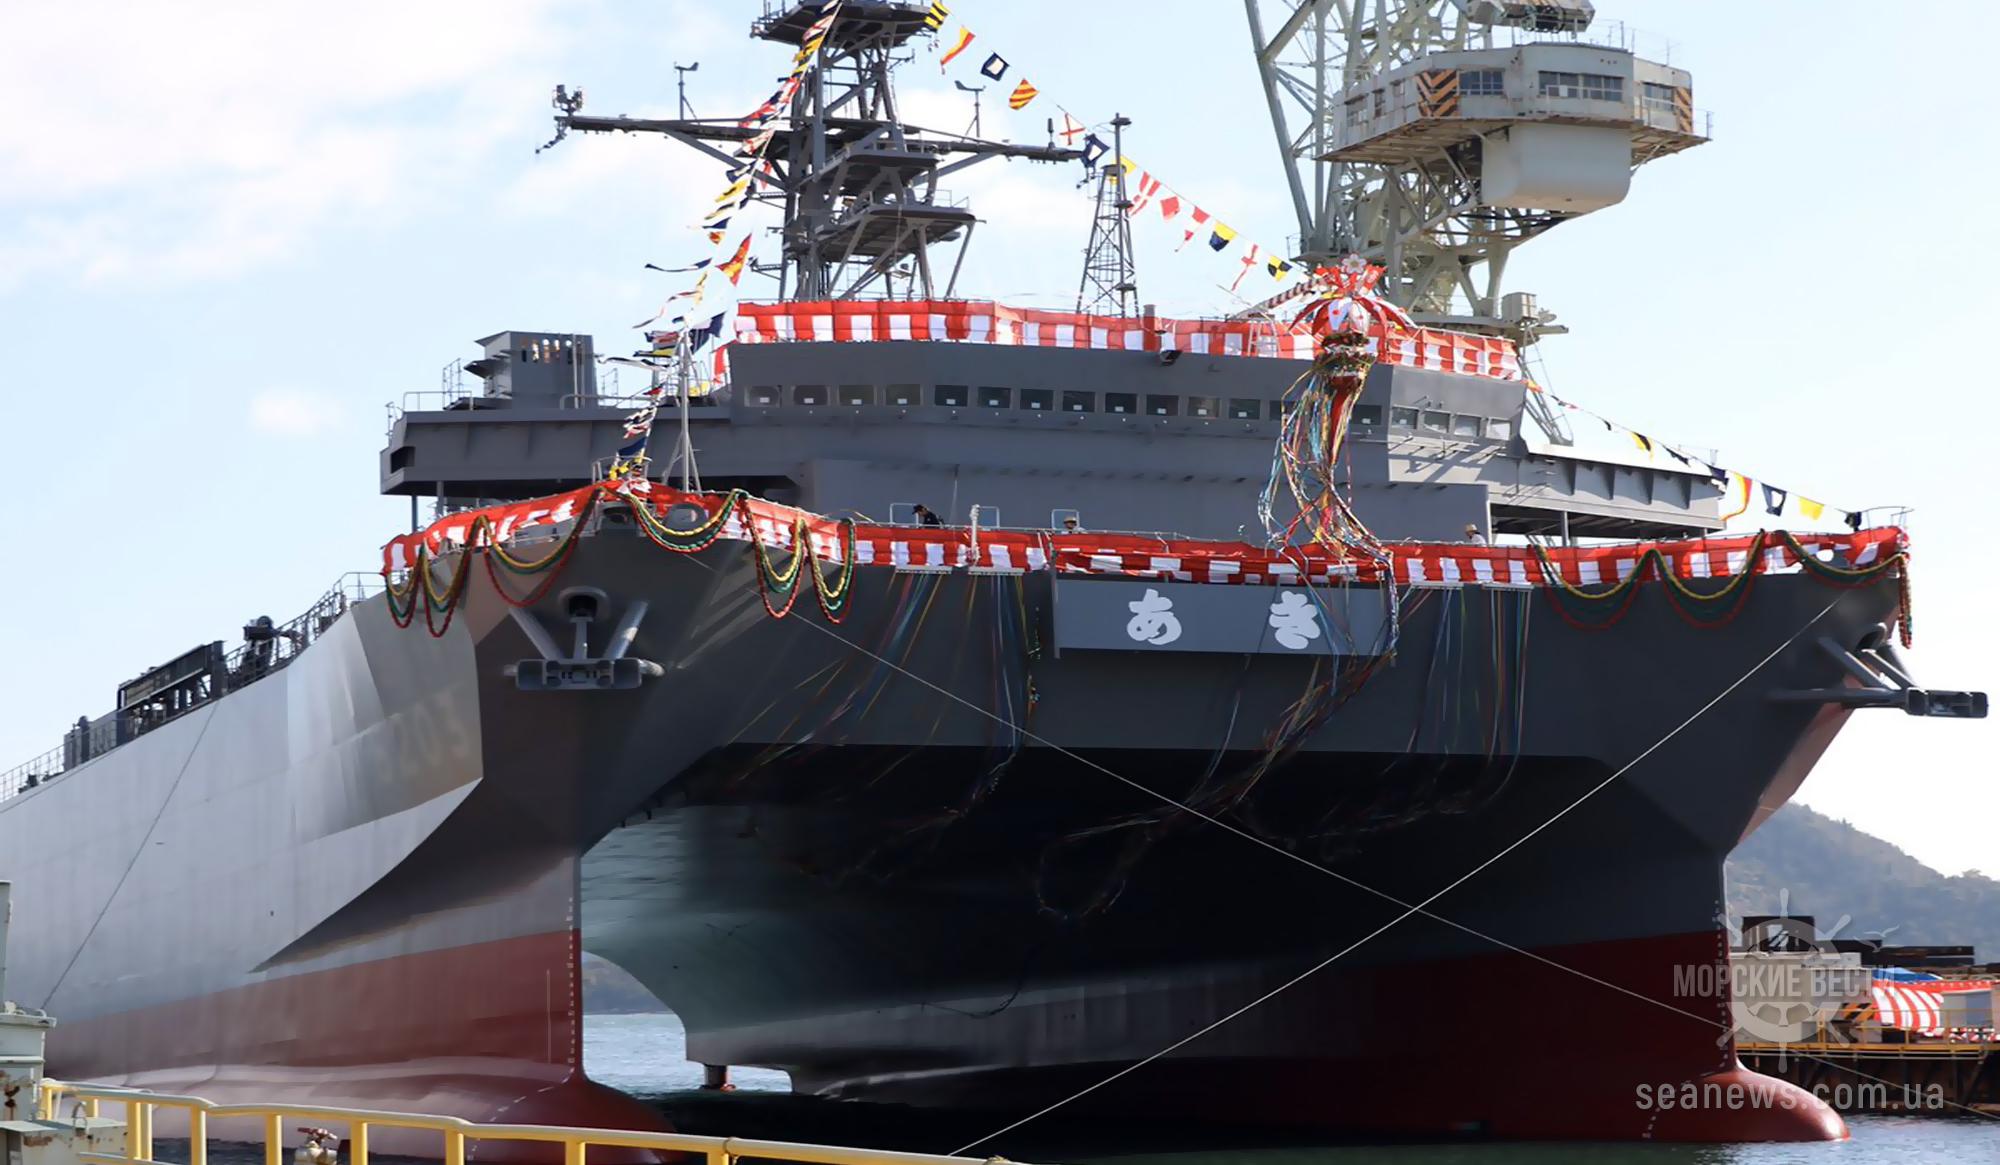 В Японии спустили на воду крупный корабль для обнаружения субмарин